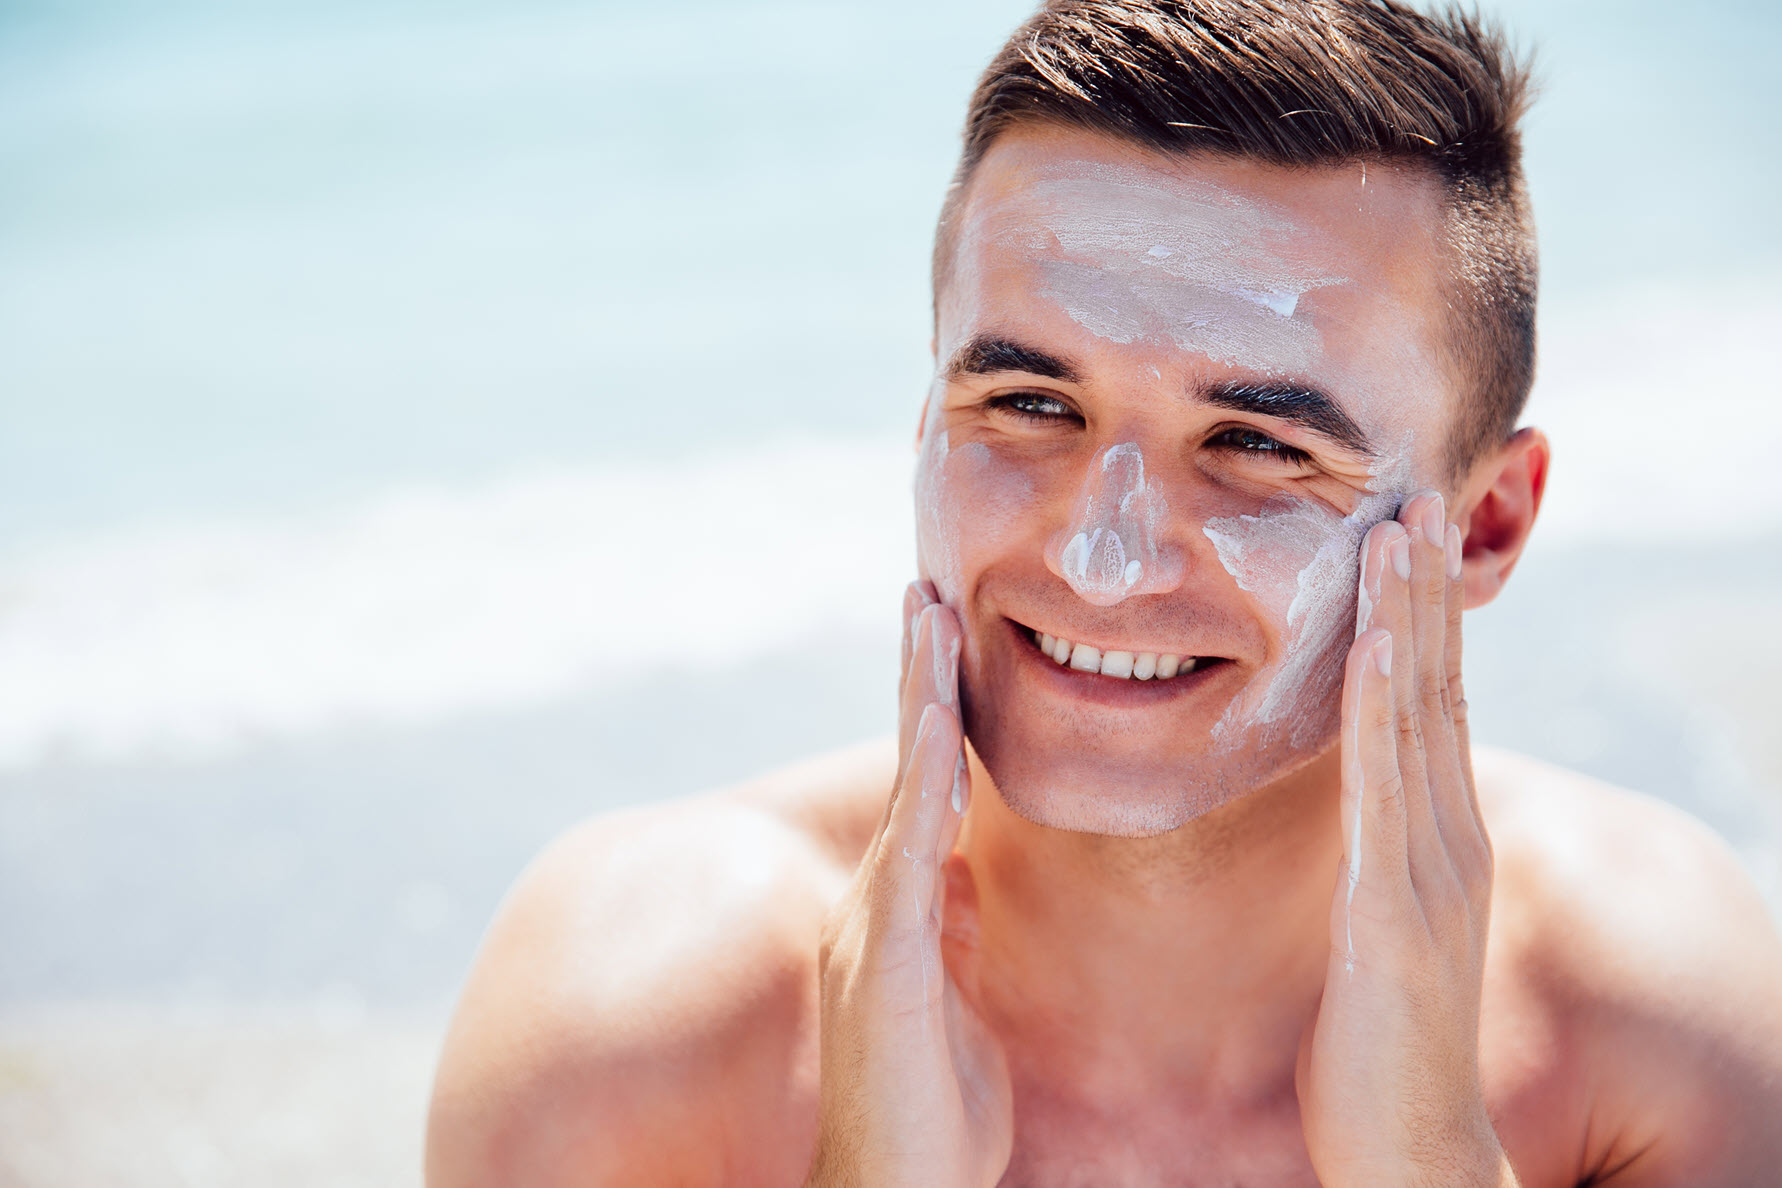 Sẽ không có một chuỗi chăm sóc da bài bản nào mà lại thiếu đi bước chống nắng.